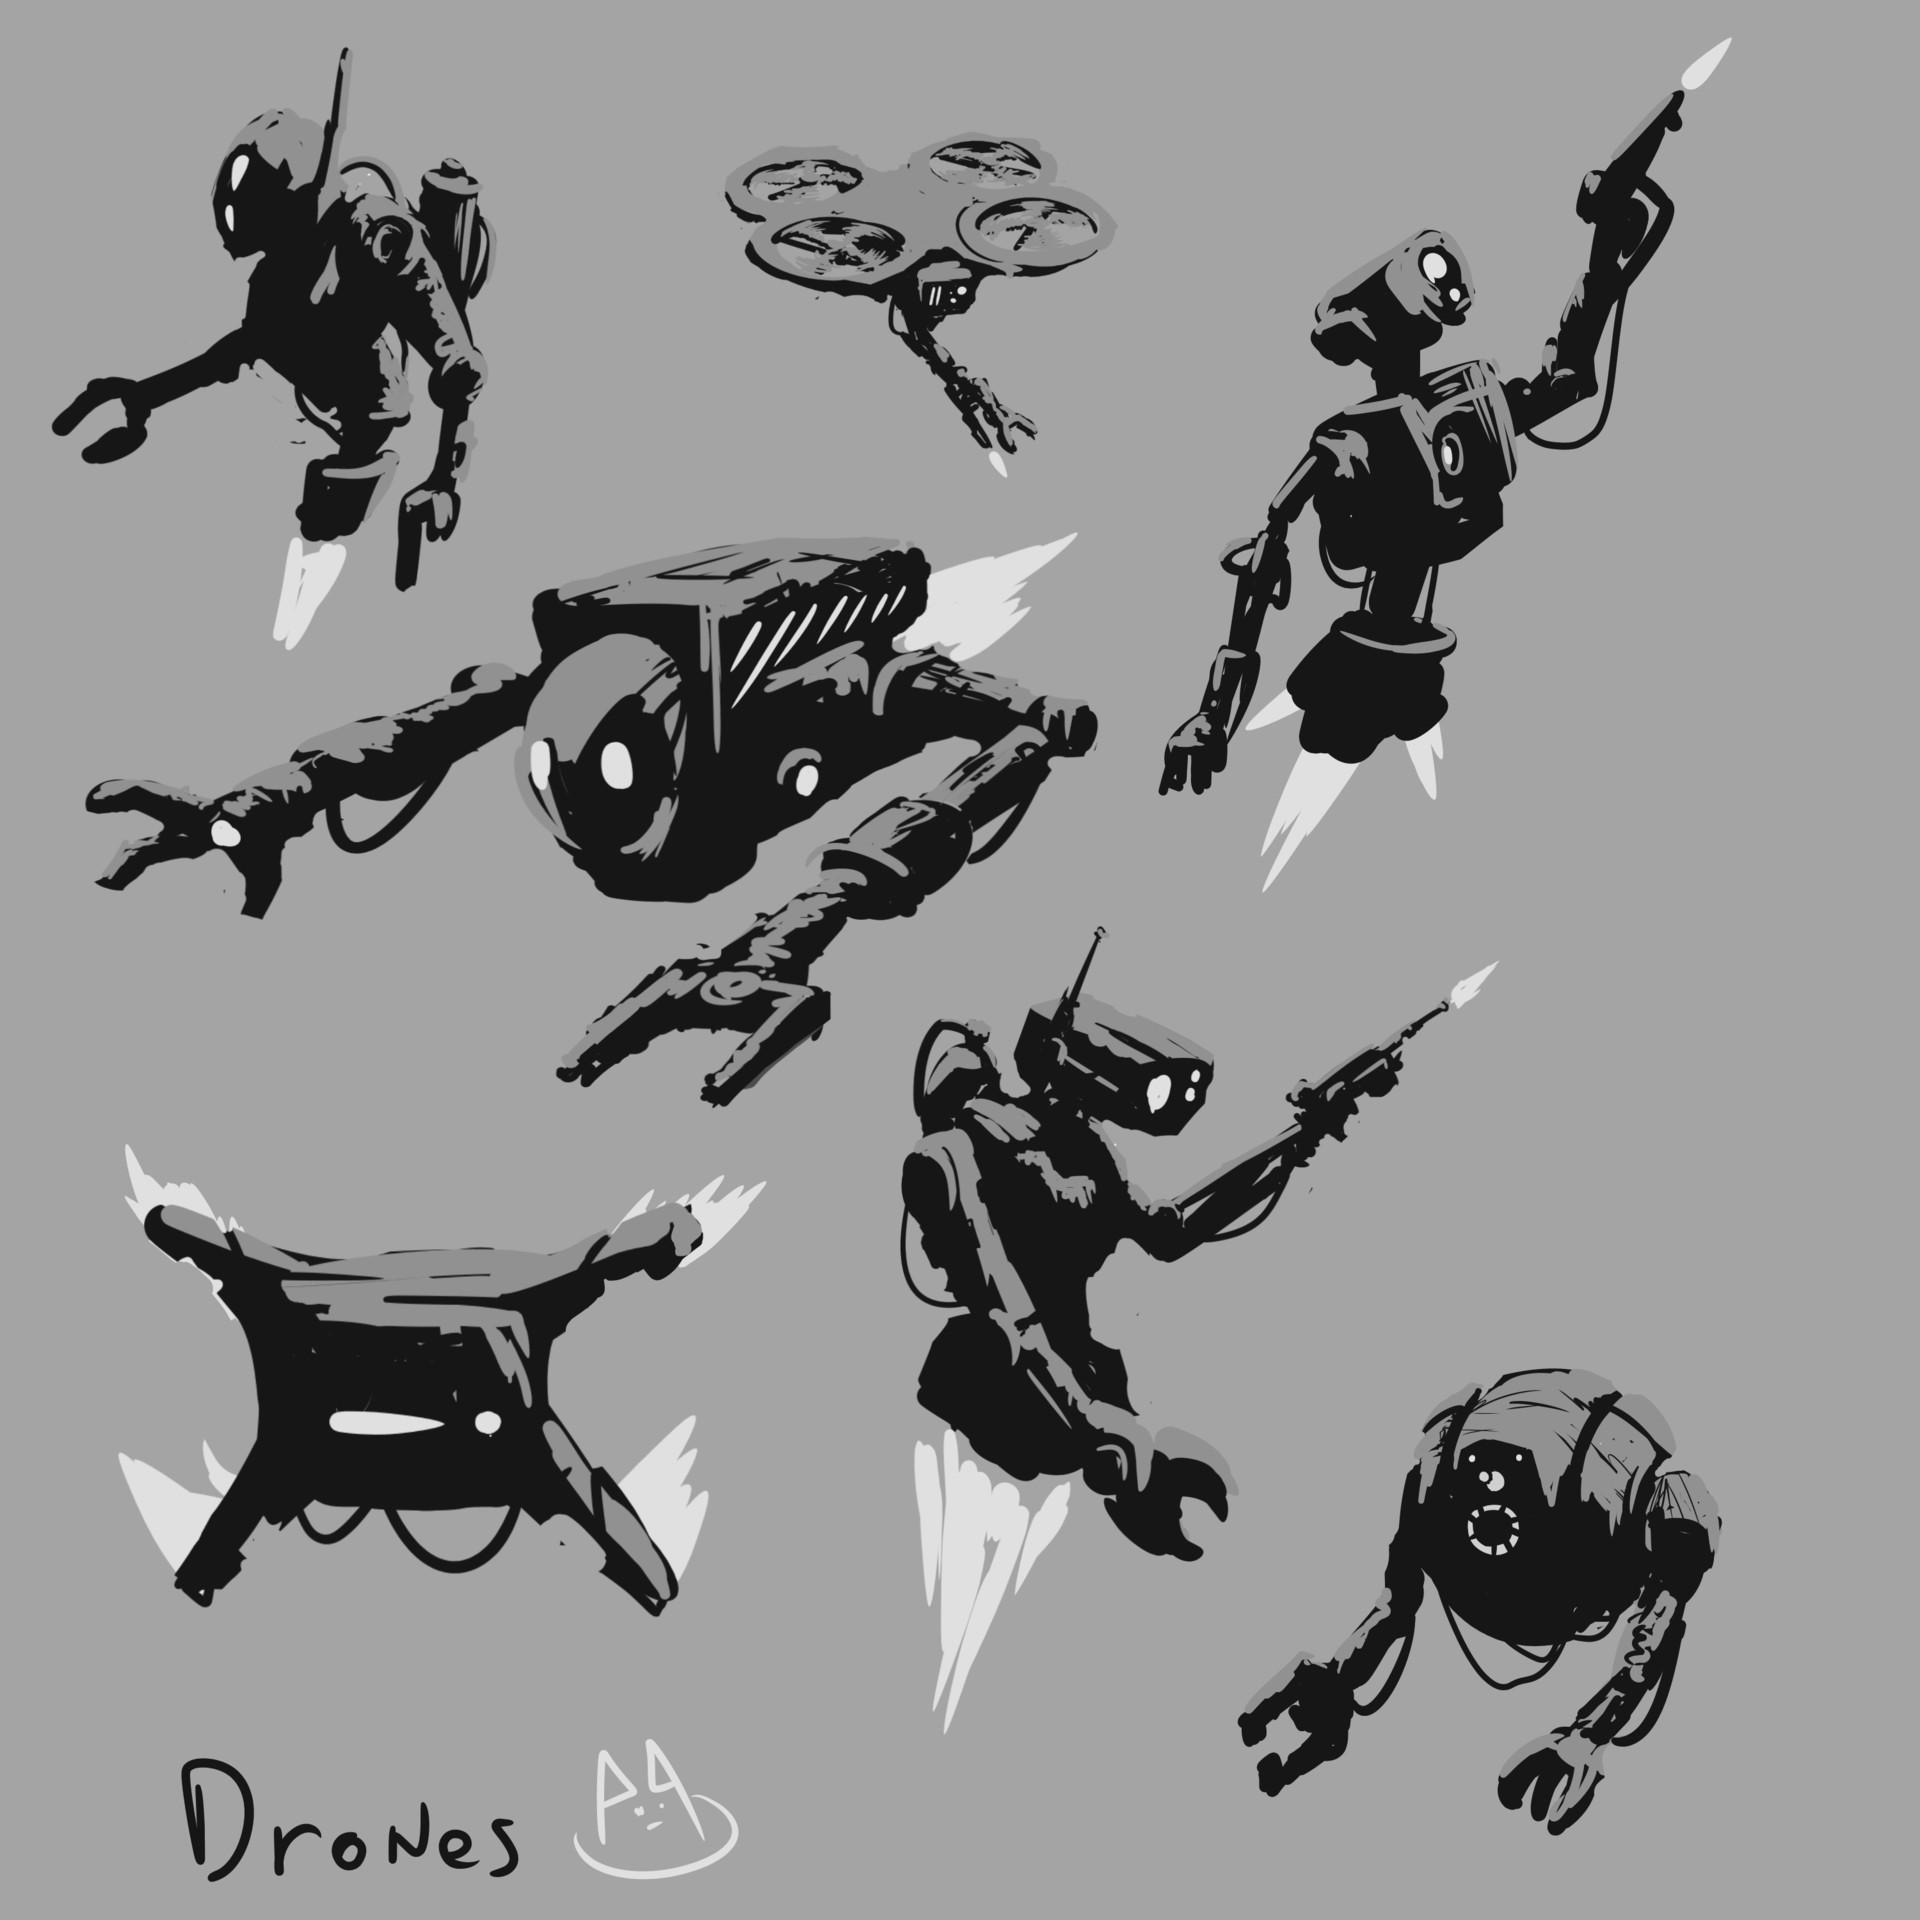 Art ankhn drones concepts artankhn